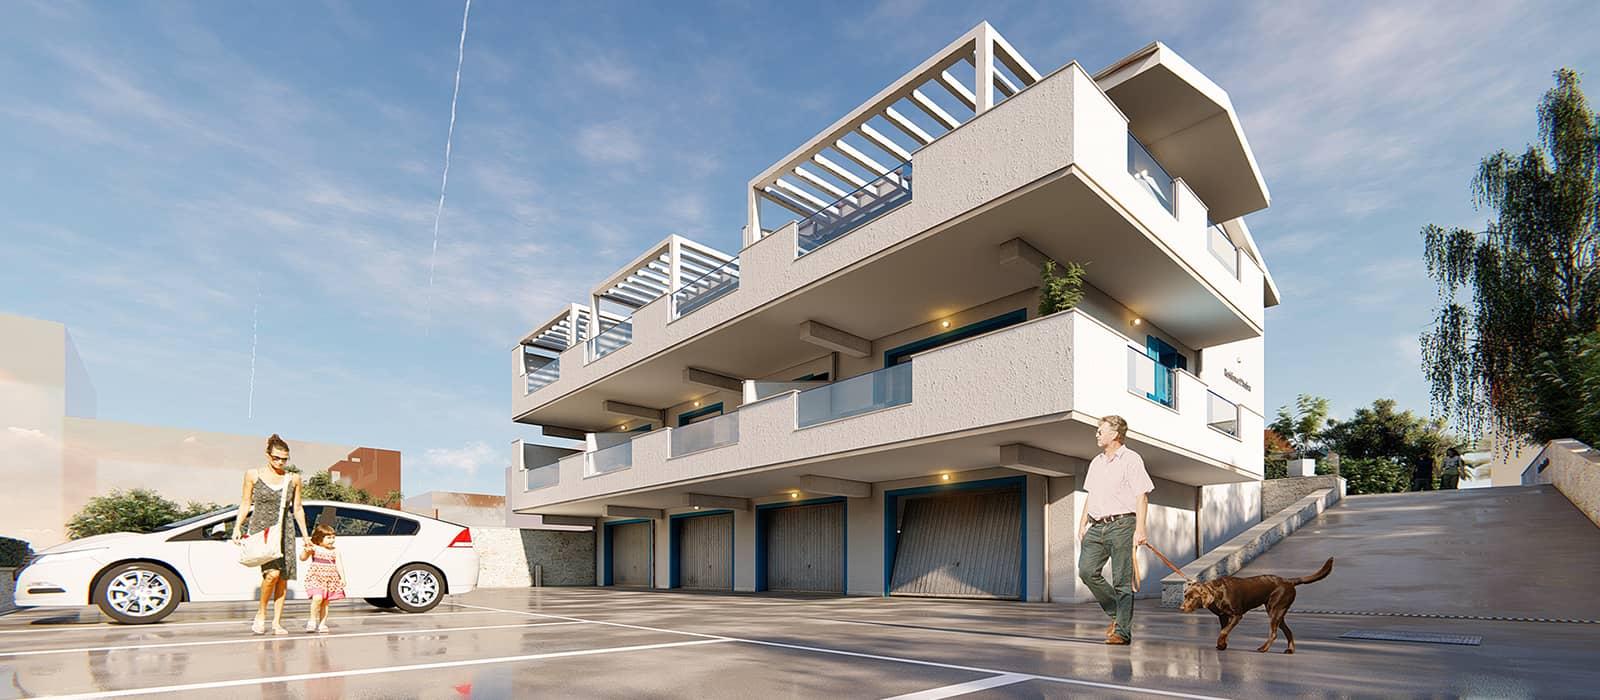 maguledda-costruzioni-immobiliare-copertina-ambra